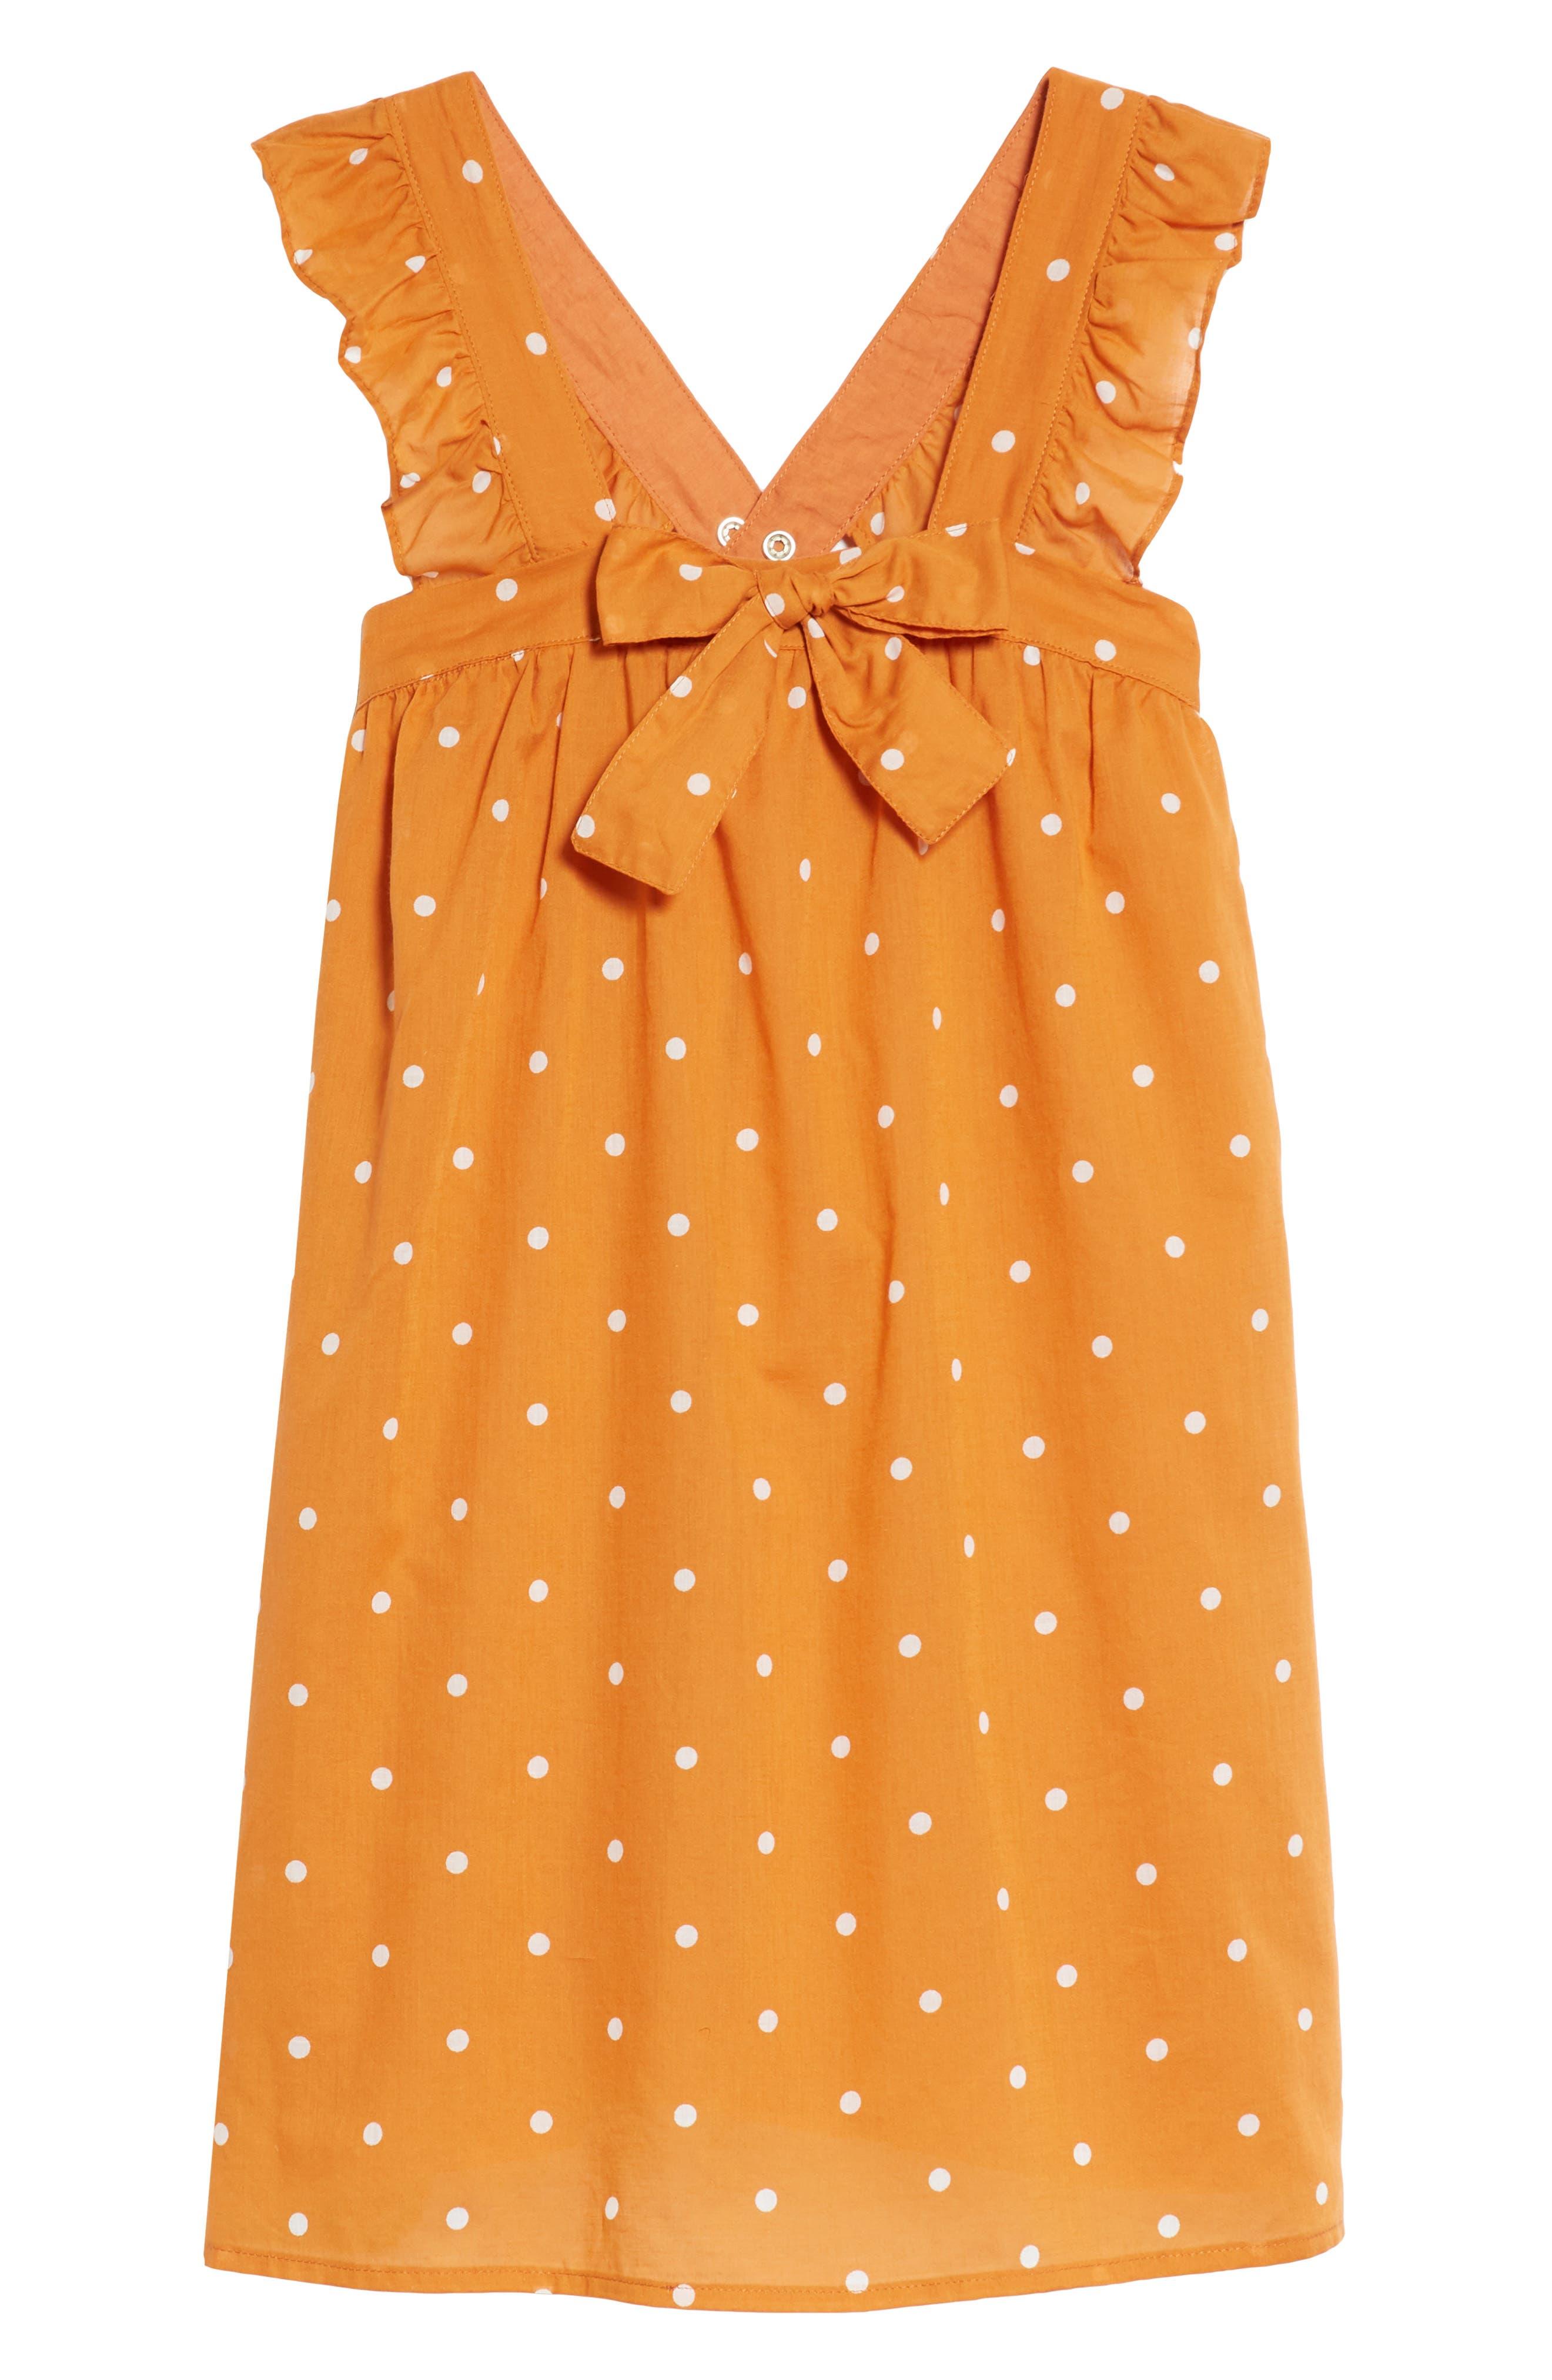 Lil Lemons by For Love & Lemons Dottie Dot Sundress (Toddler Girls & Little Girls)